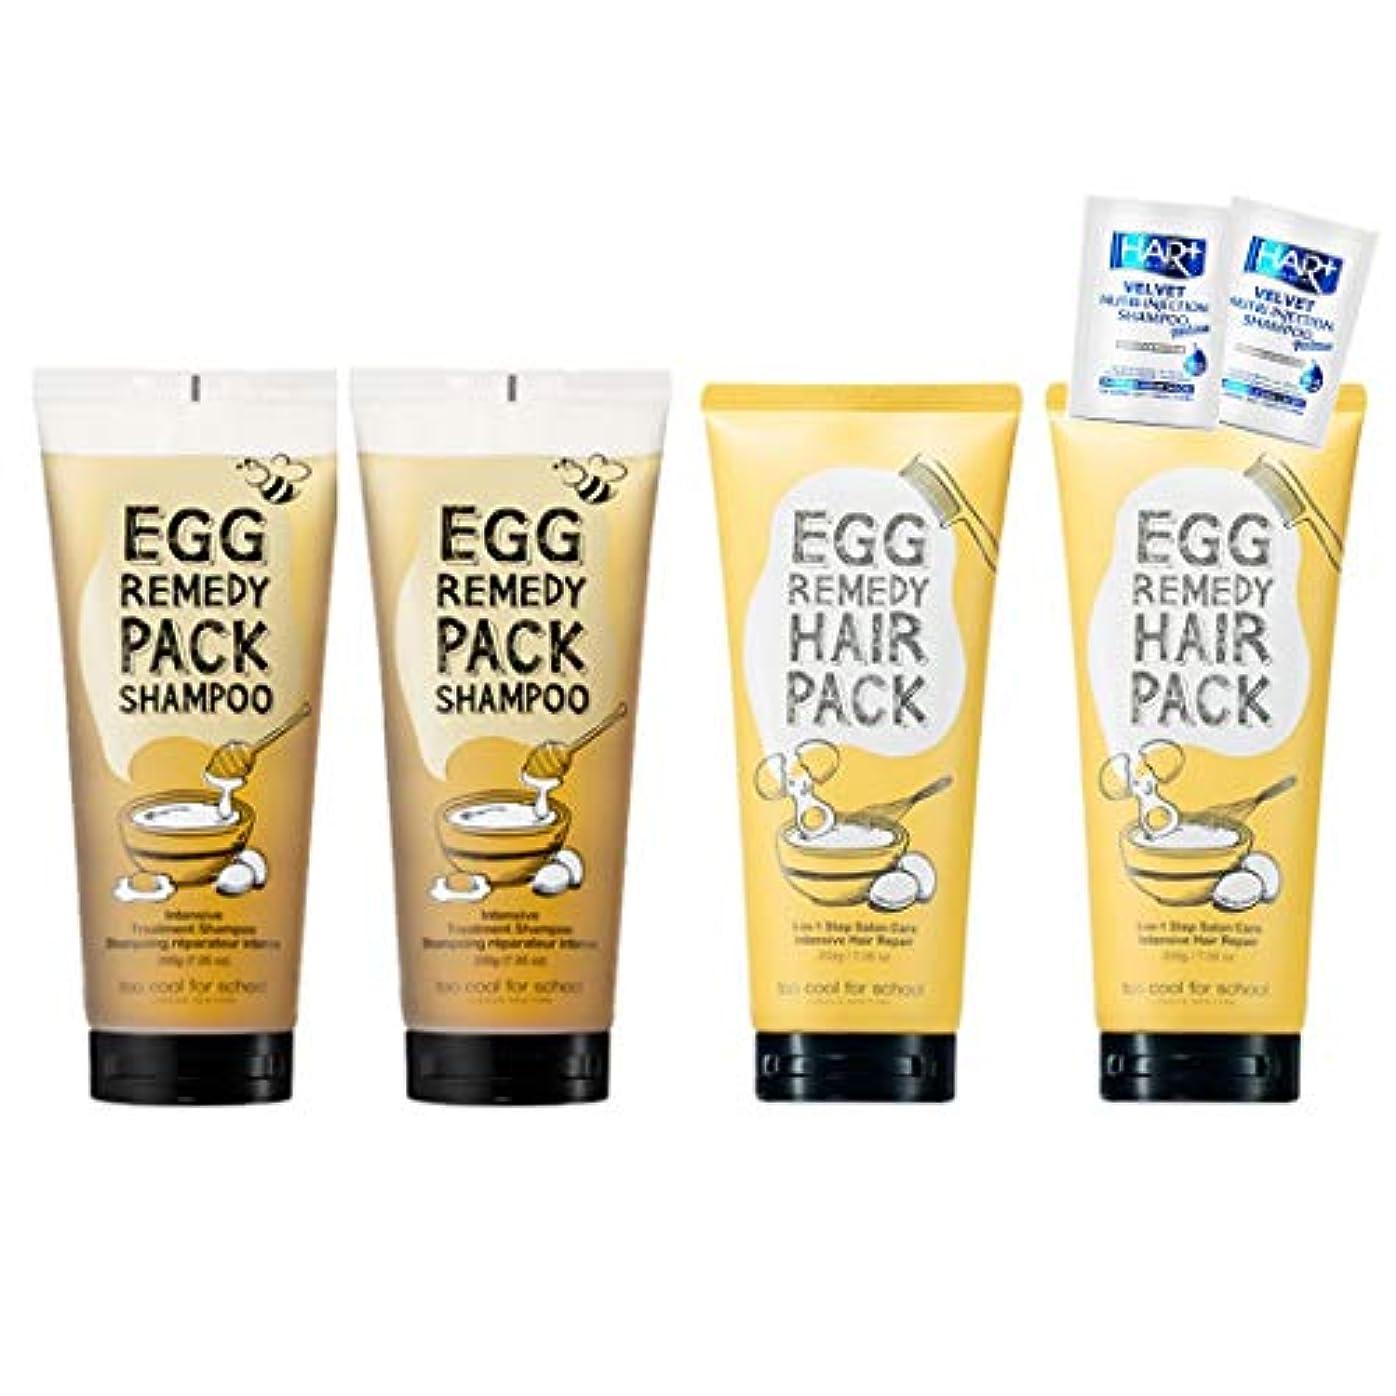 小競り合い近くヒントトゥークールフォ―スクール(too cool for school)/エッグレミディパックシャンプーtoo cool for school Egg Remedy Pack Shampoo 200ml X 2EA + エッグレミディヘアパック...